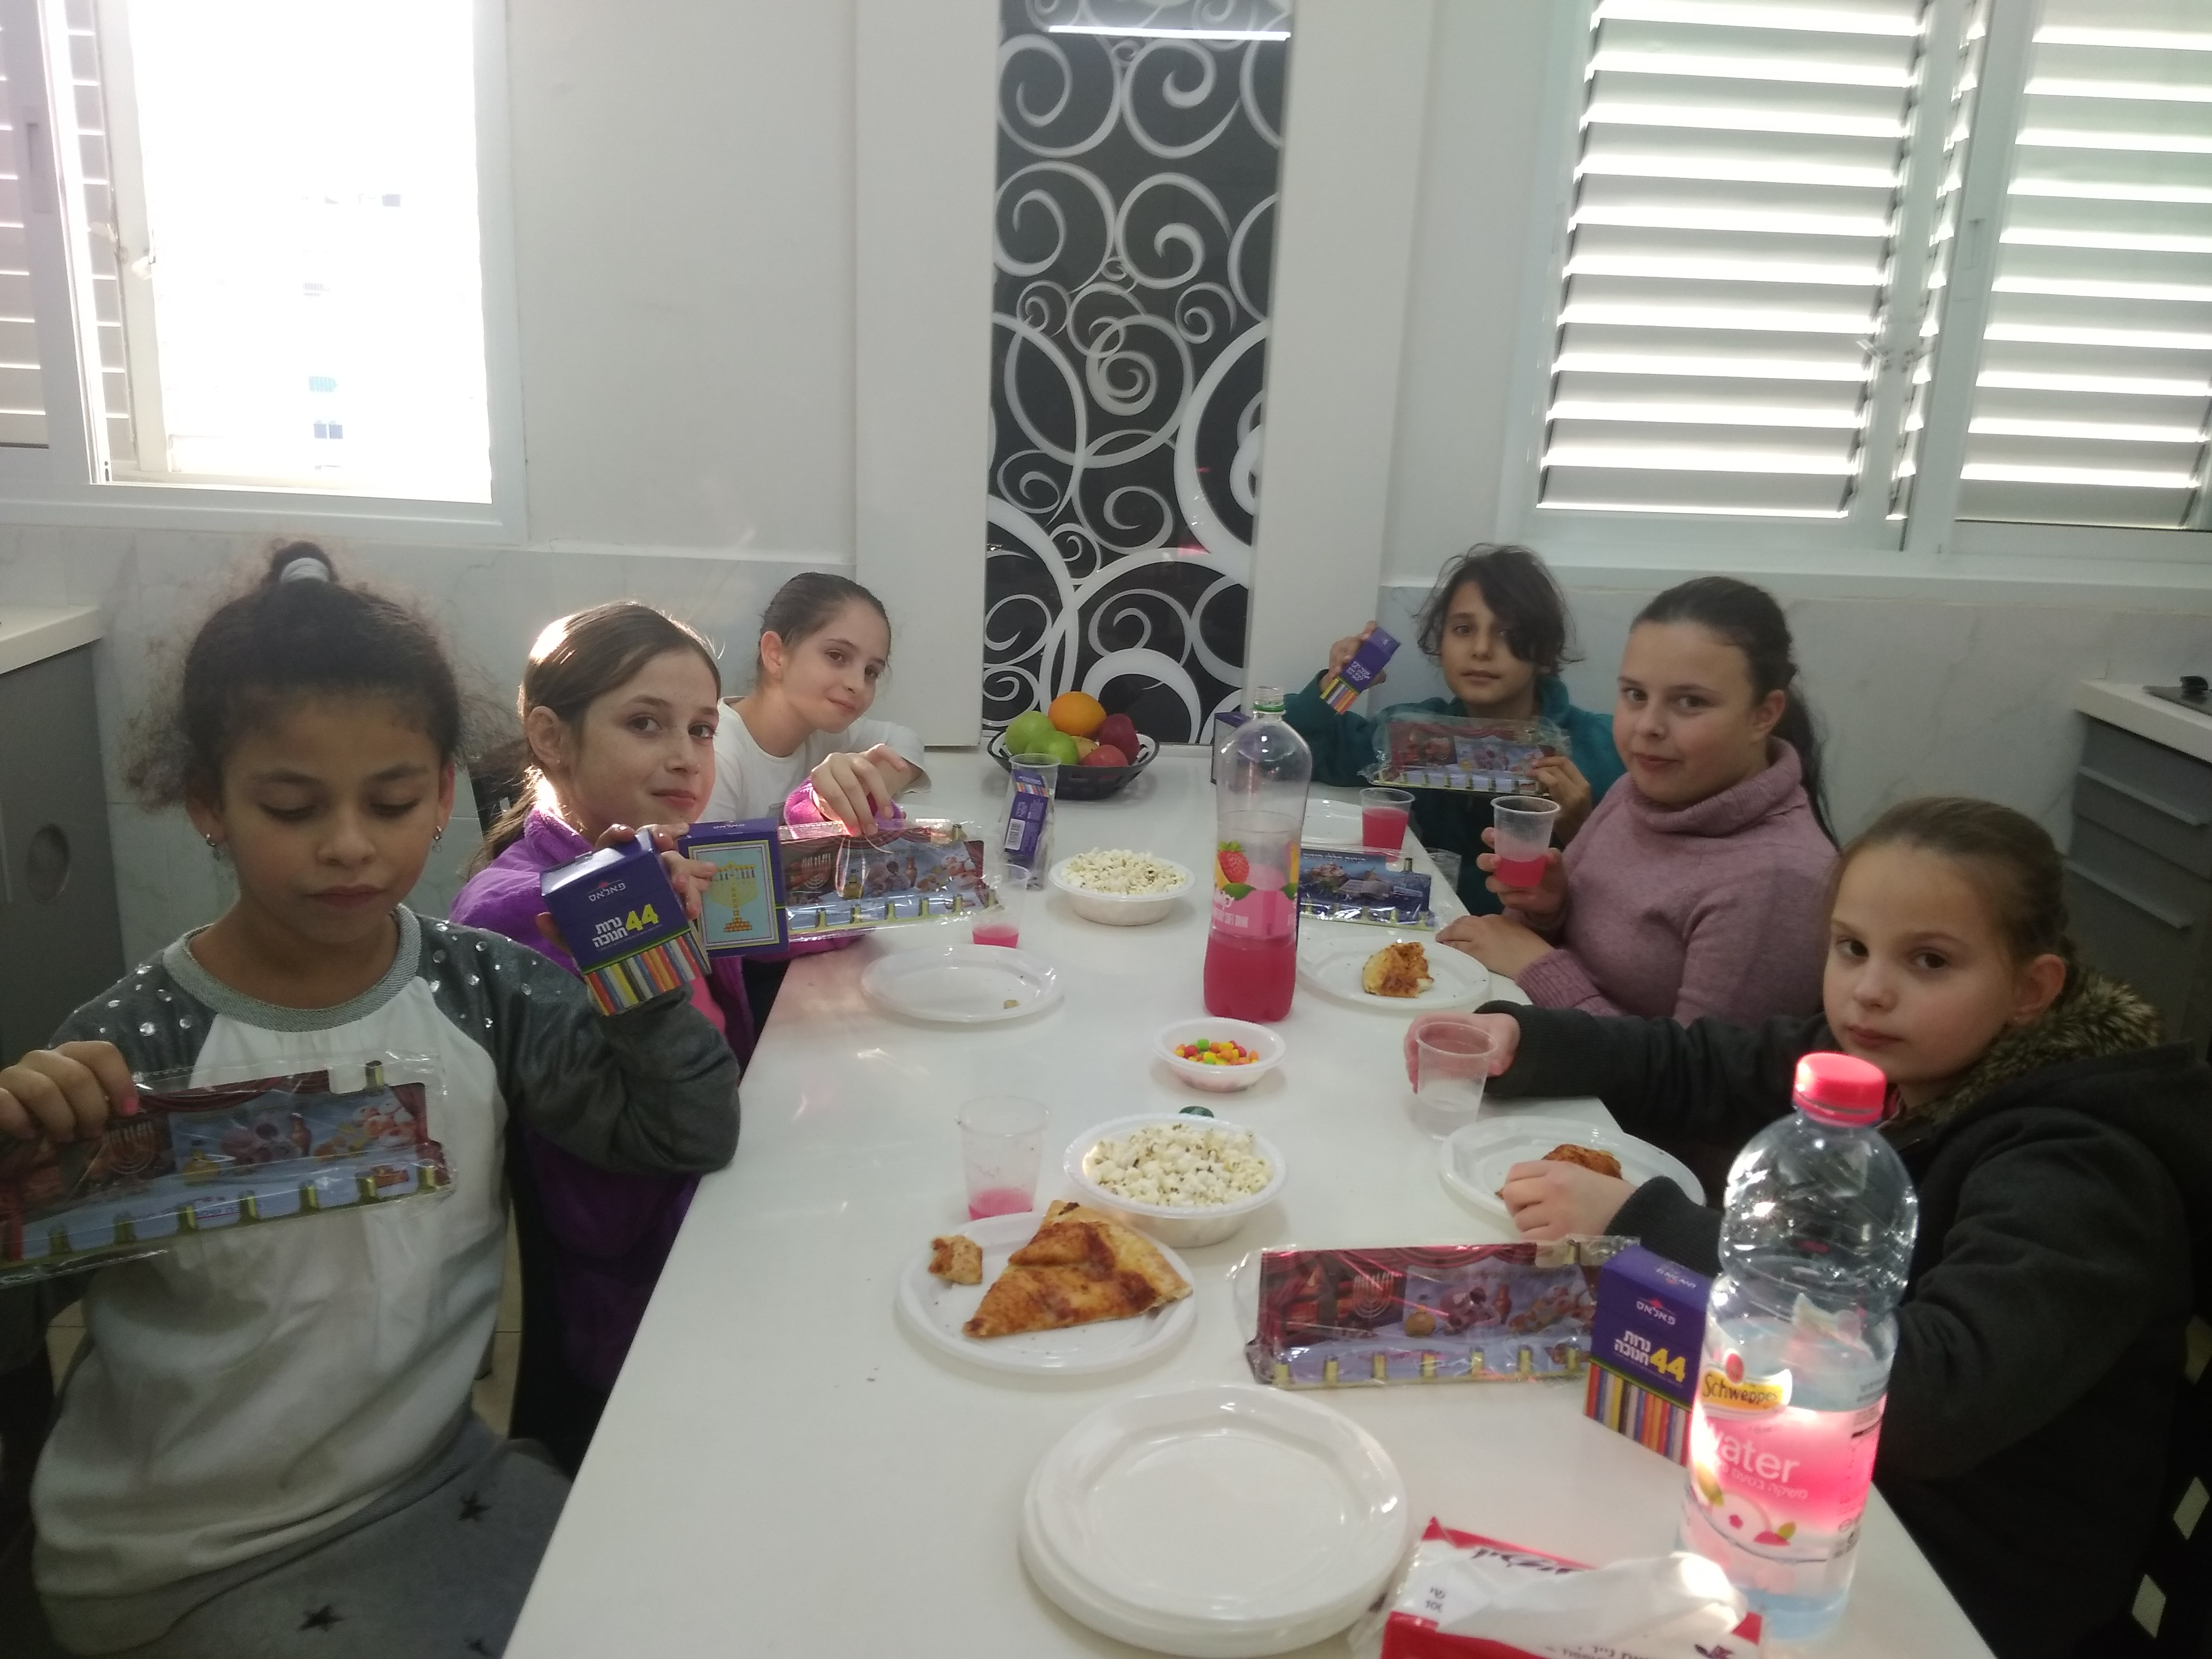 מסיבת חנוכה לכיתה ה'2 בביתה של המורה חוי